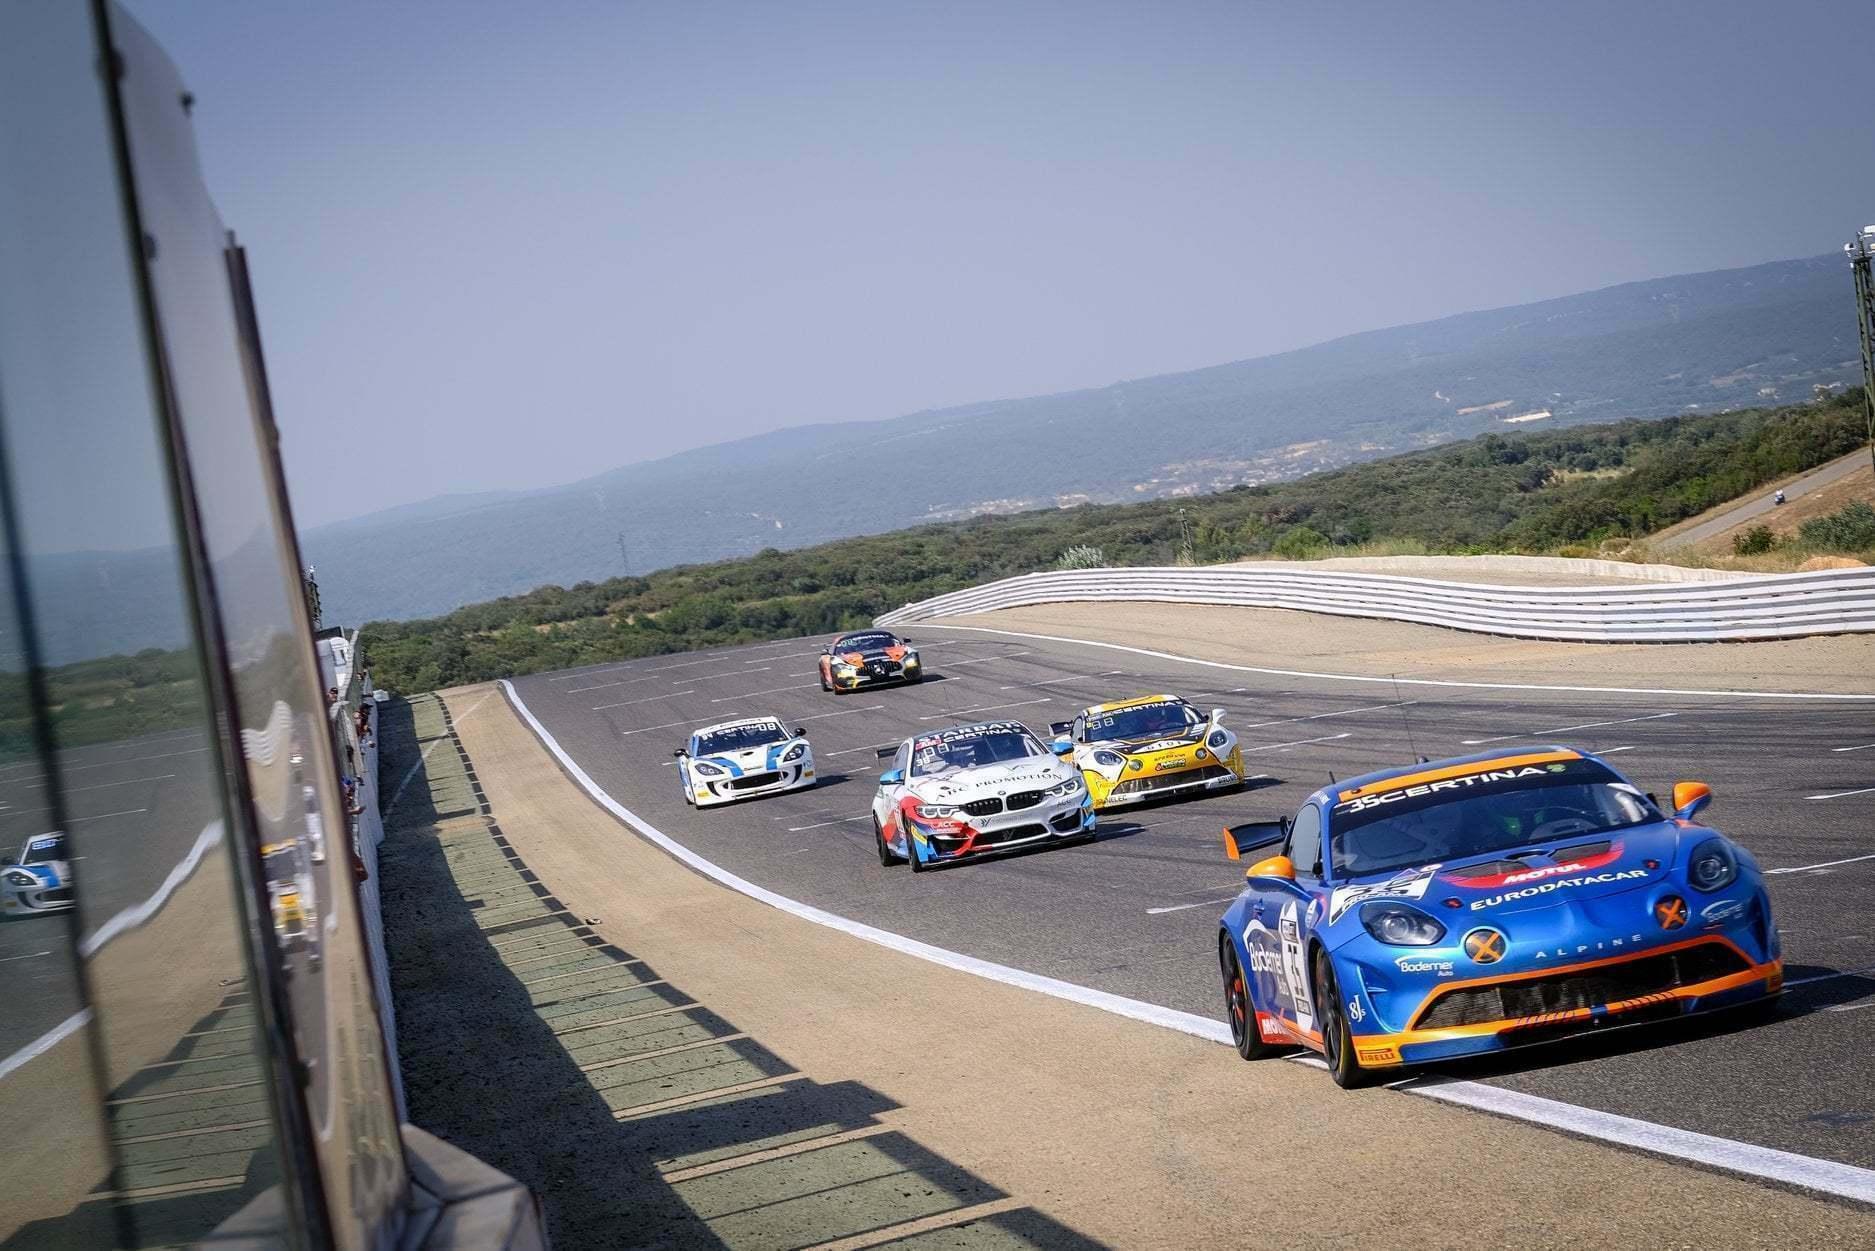 FFSA GT4 Circuit Lédenon Course 1 2019 Bodemer CMR Alpine A110 14 | FFSA GT: Rédélé Compétition s'impose à Lédenon ! (Course 1)